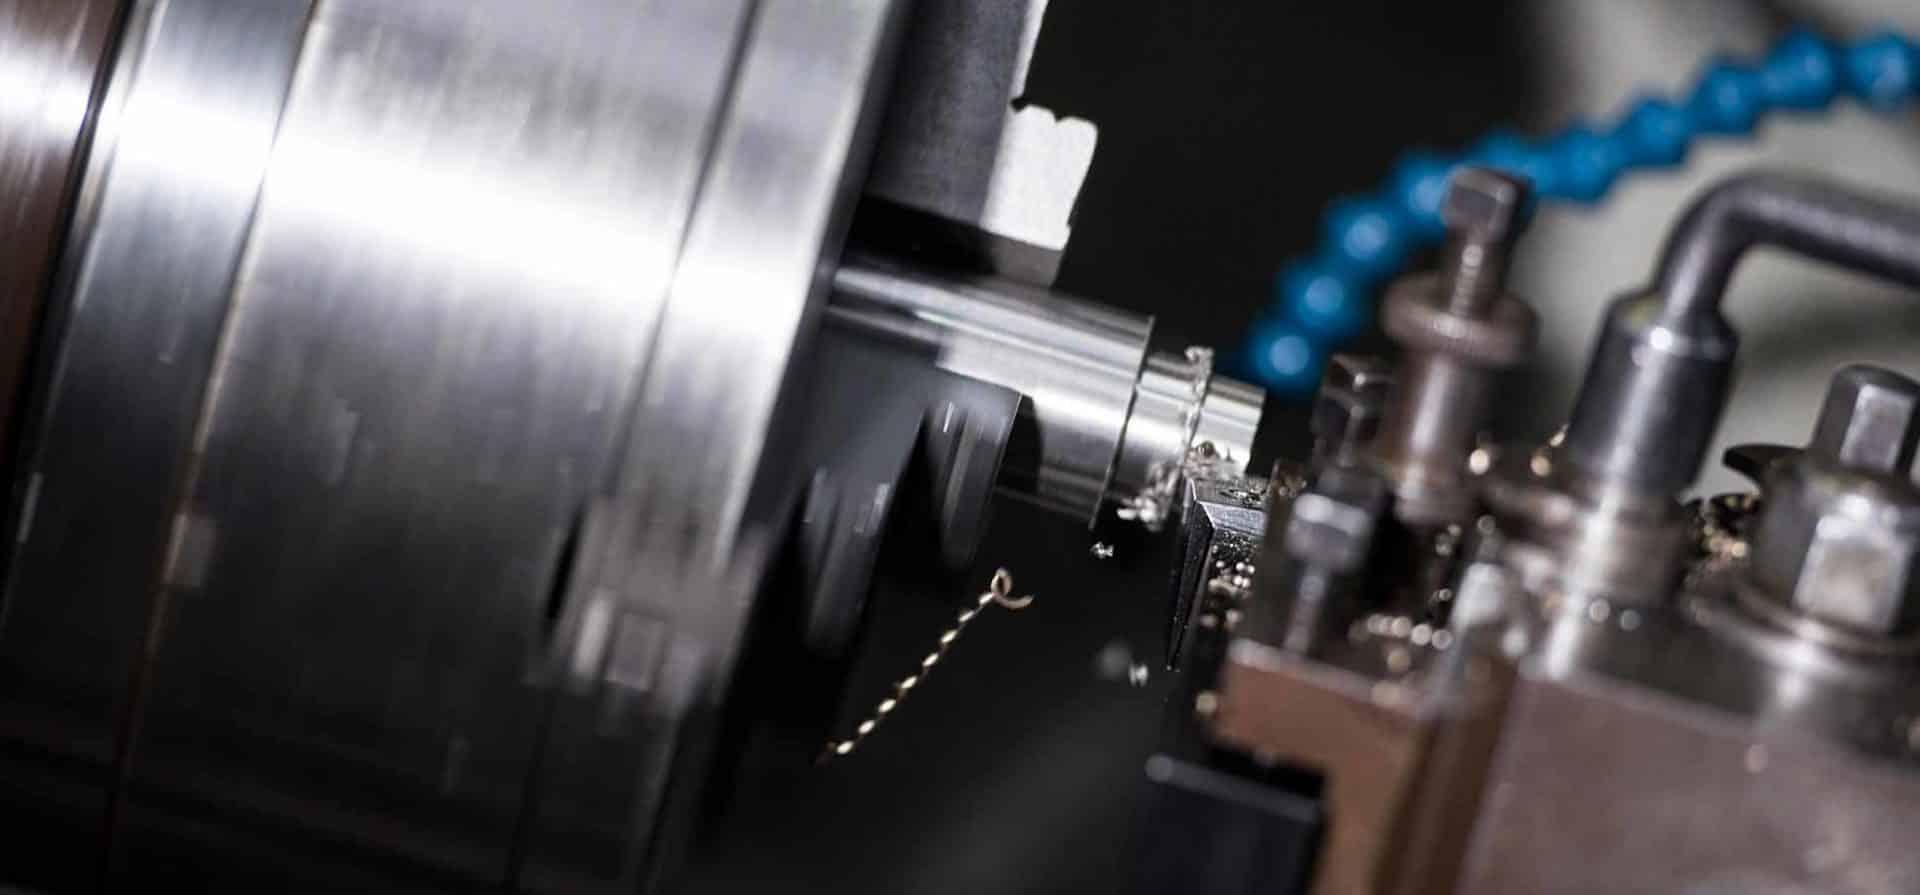 Spare Parts | Euroflow Automation Ltd